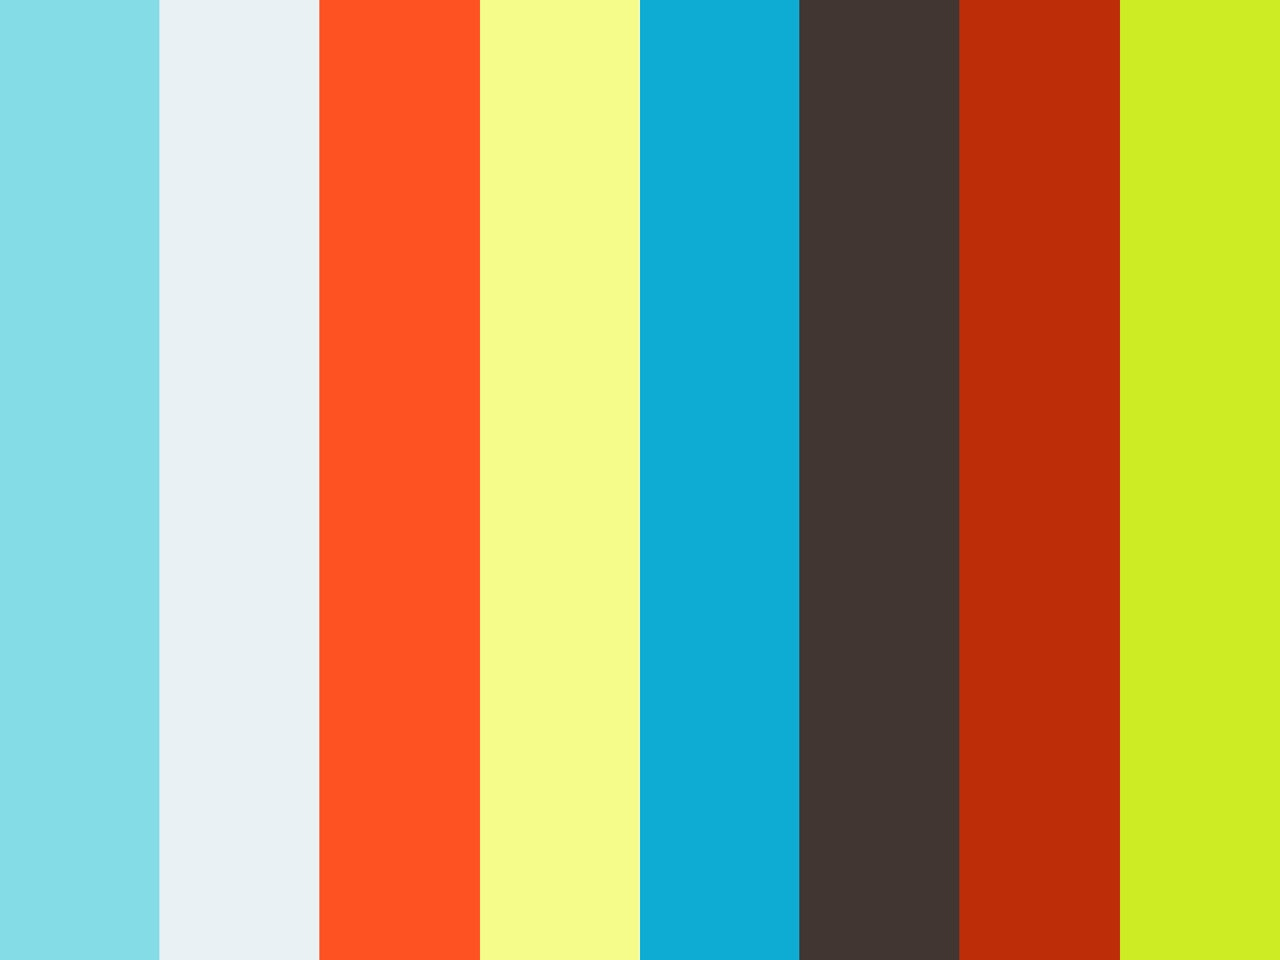 Imagem principal da aula Especial Dia das Crianças Pulseira Colorida